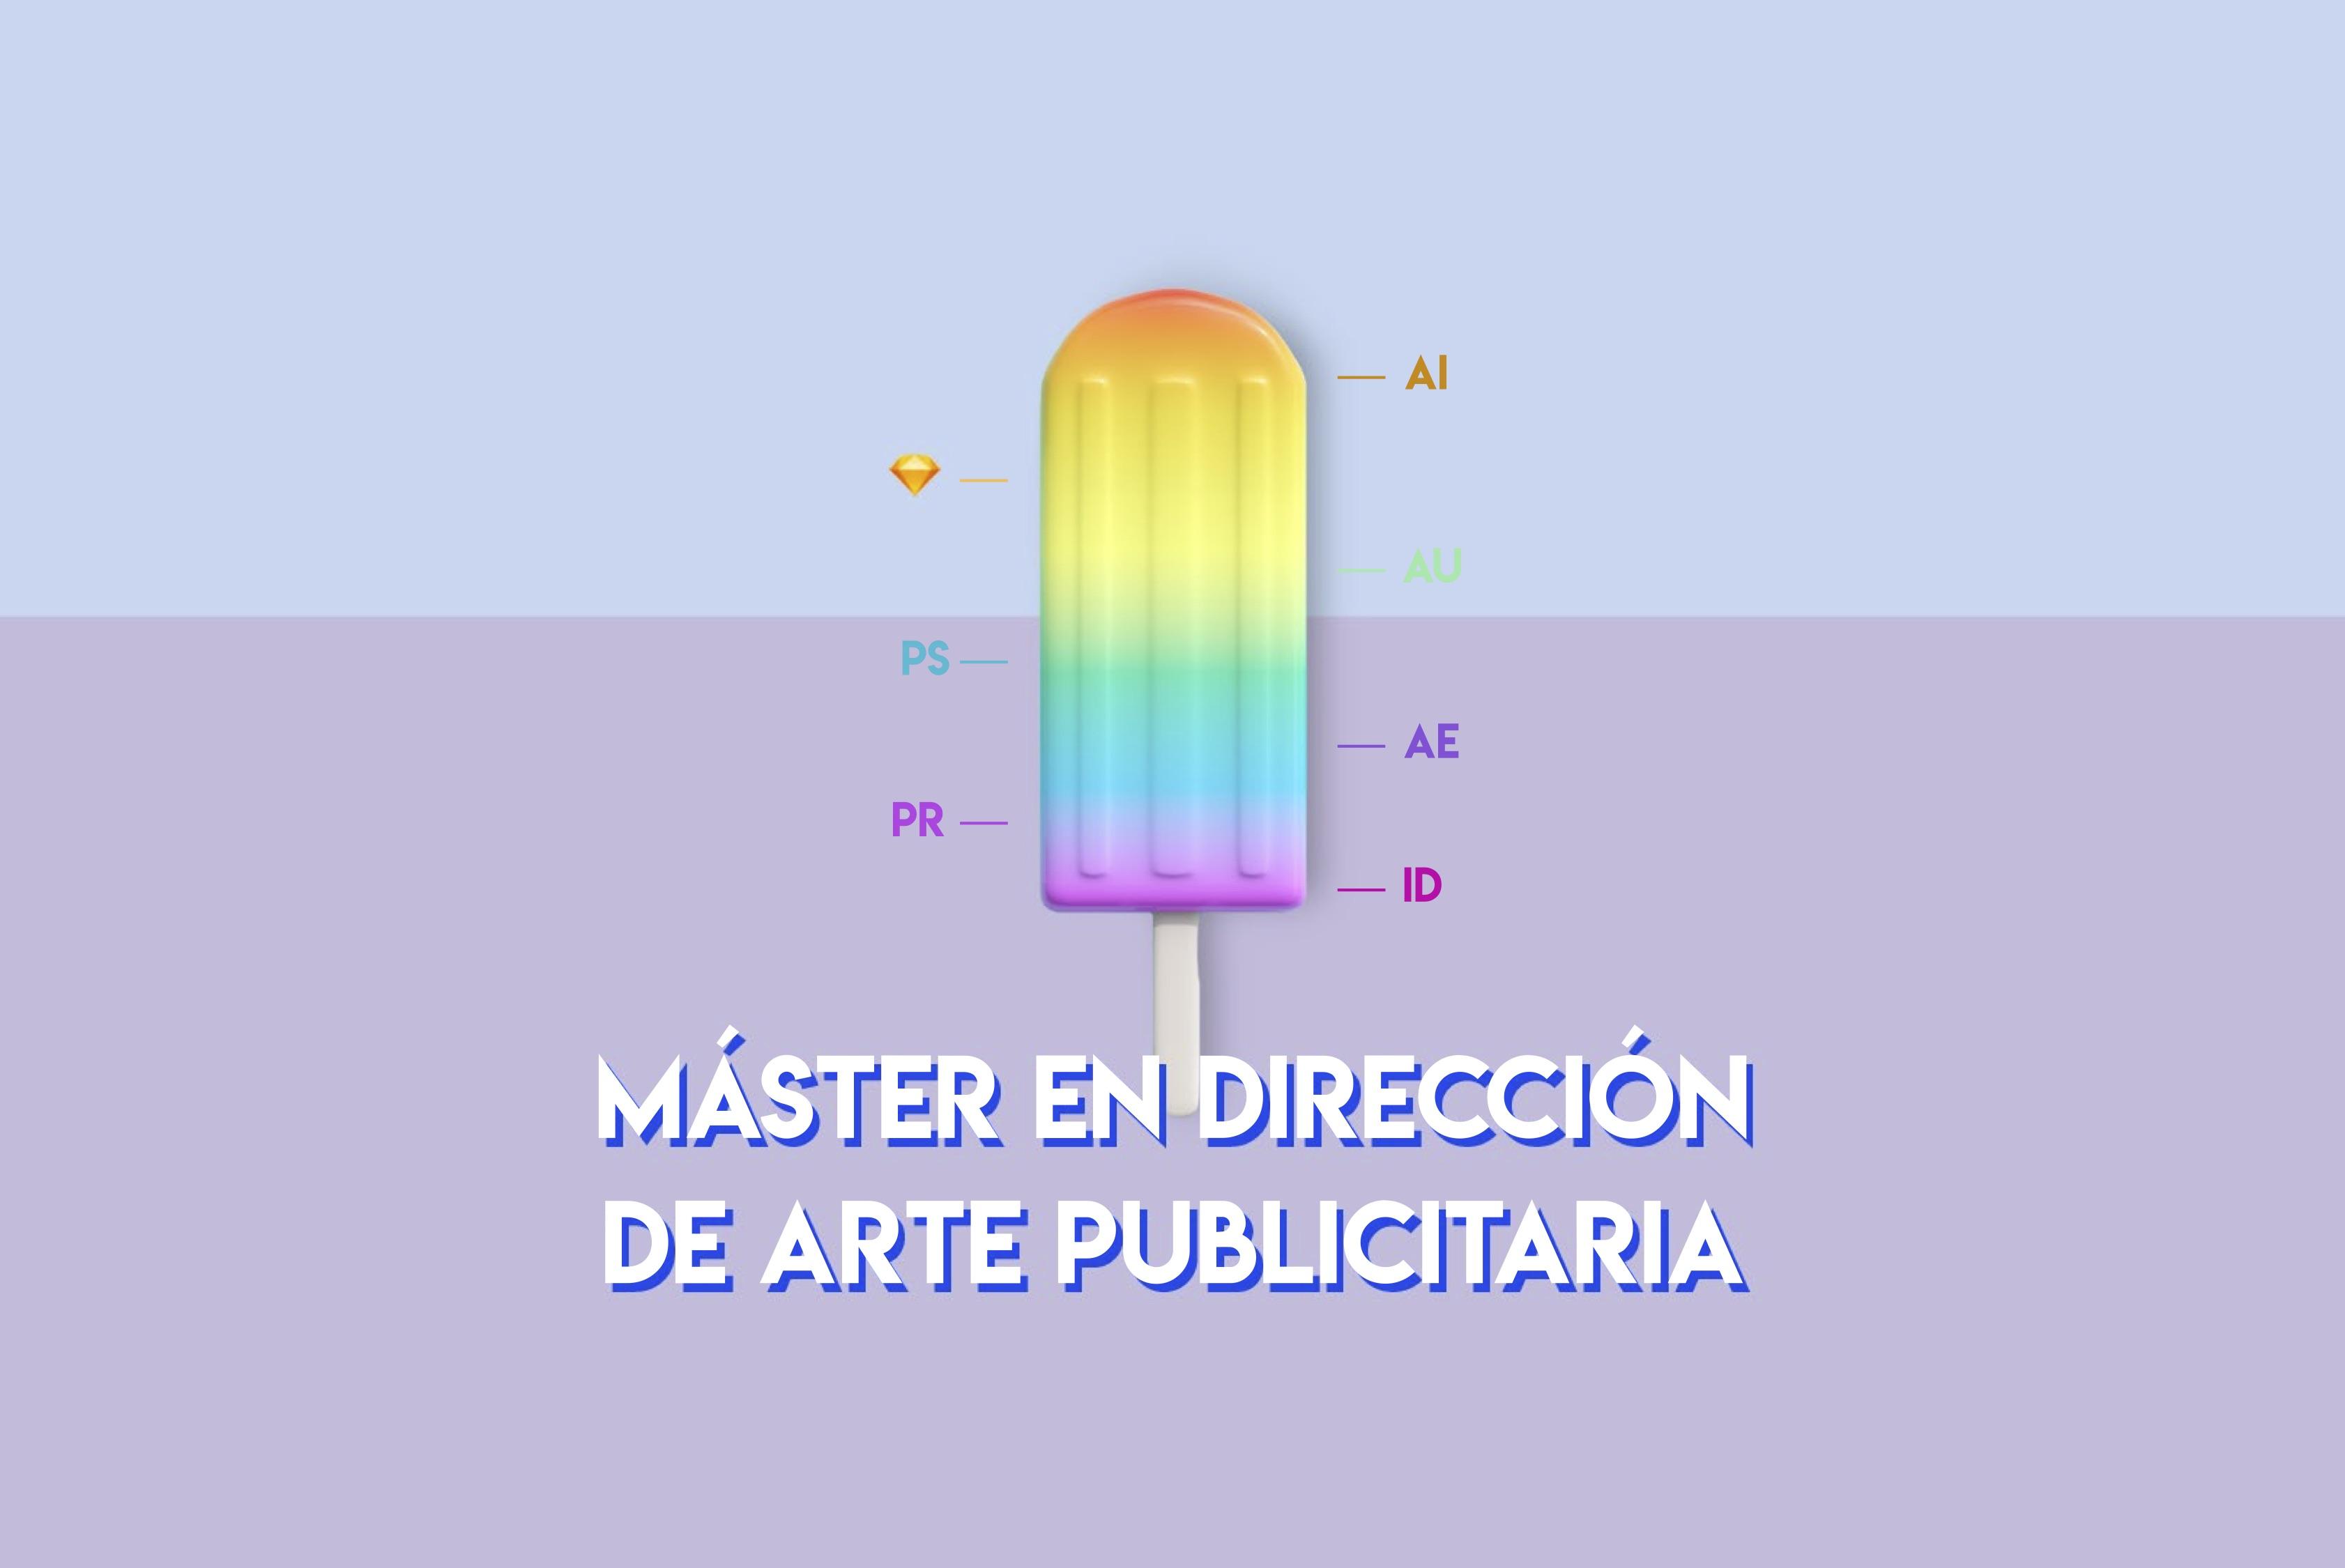 http://www.direccionarte.es/